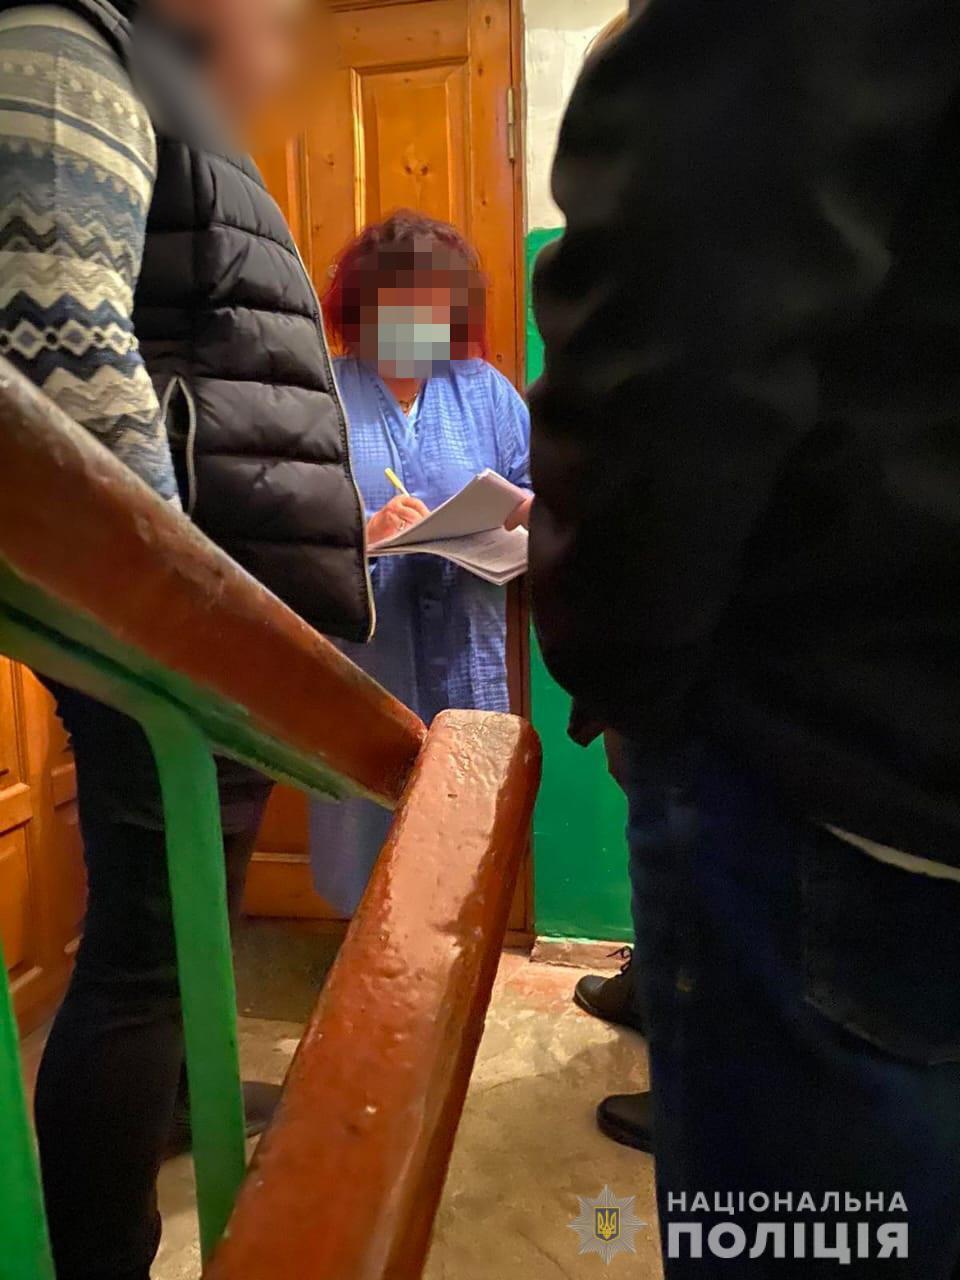 Харьковчанка обустроила место разврата в съемной квартире